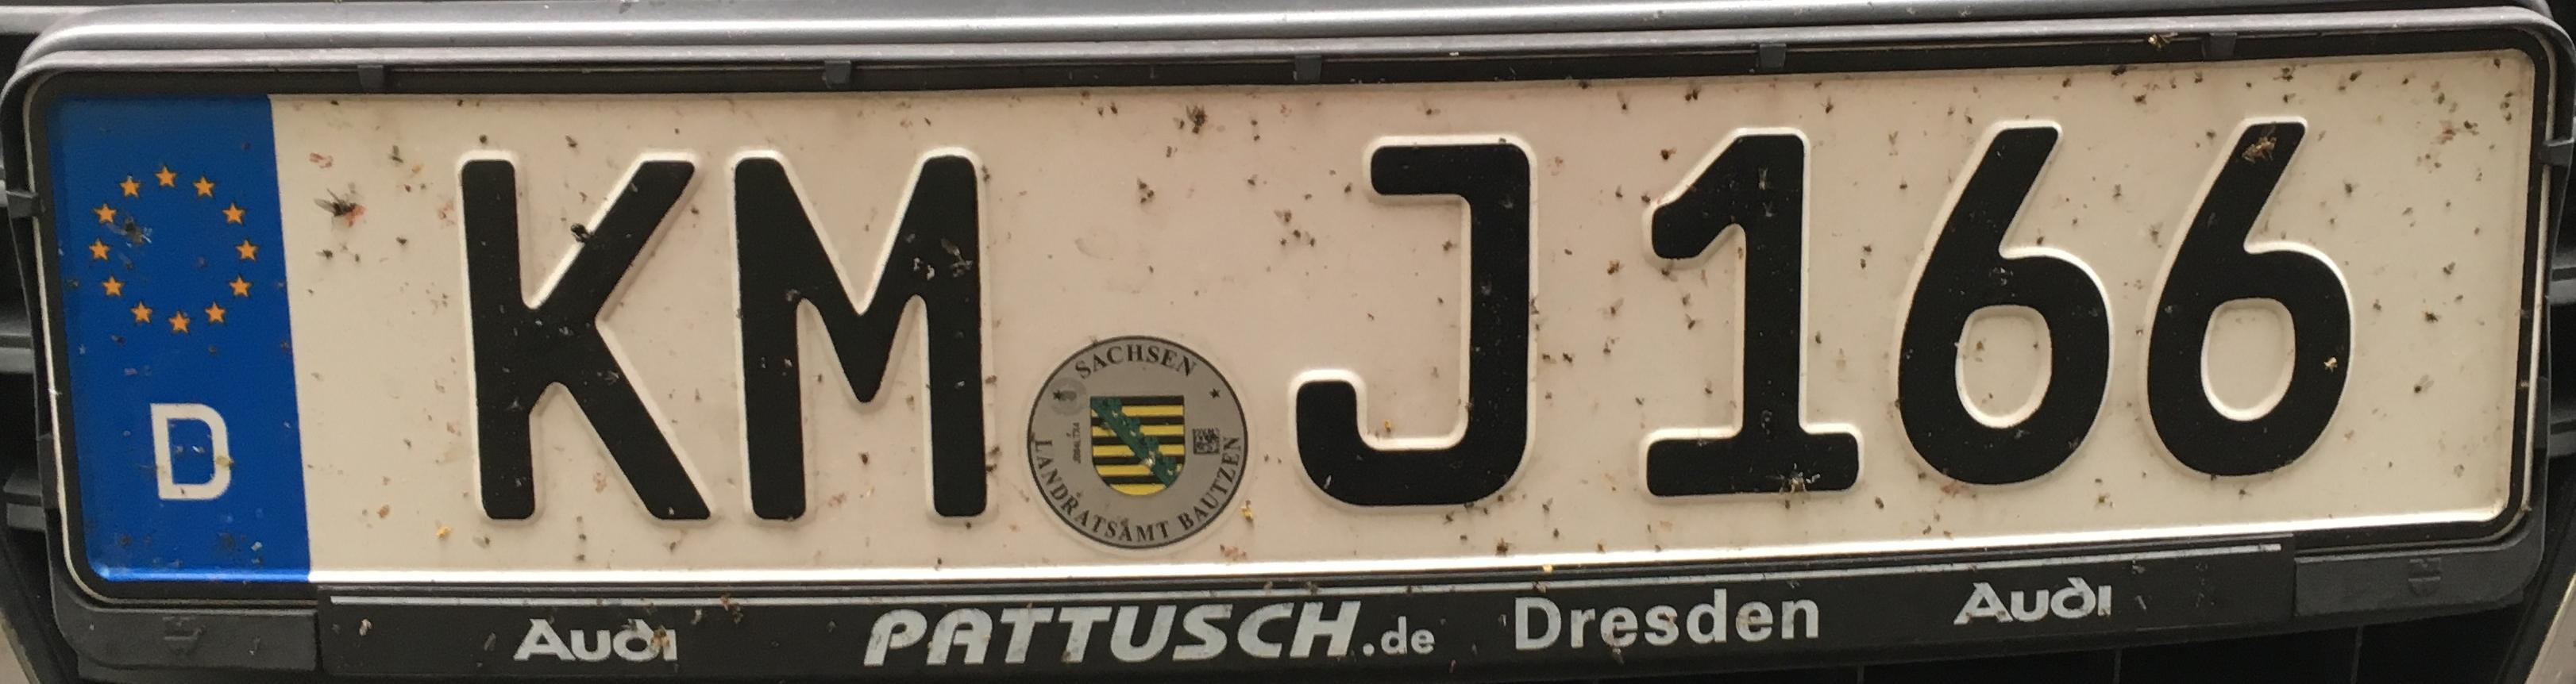 Registrační značky Německo - KM - Kamenz, foto: www.podalnici.cz